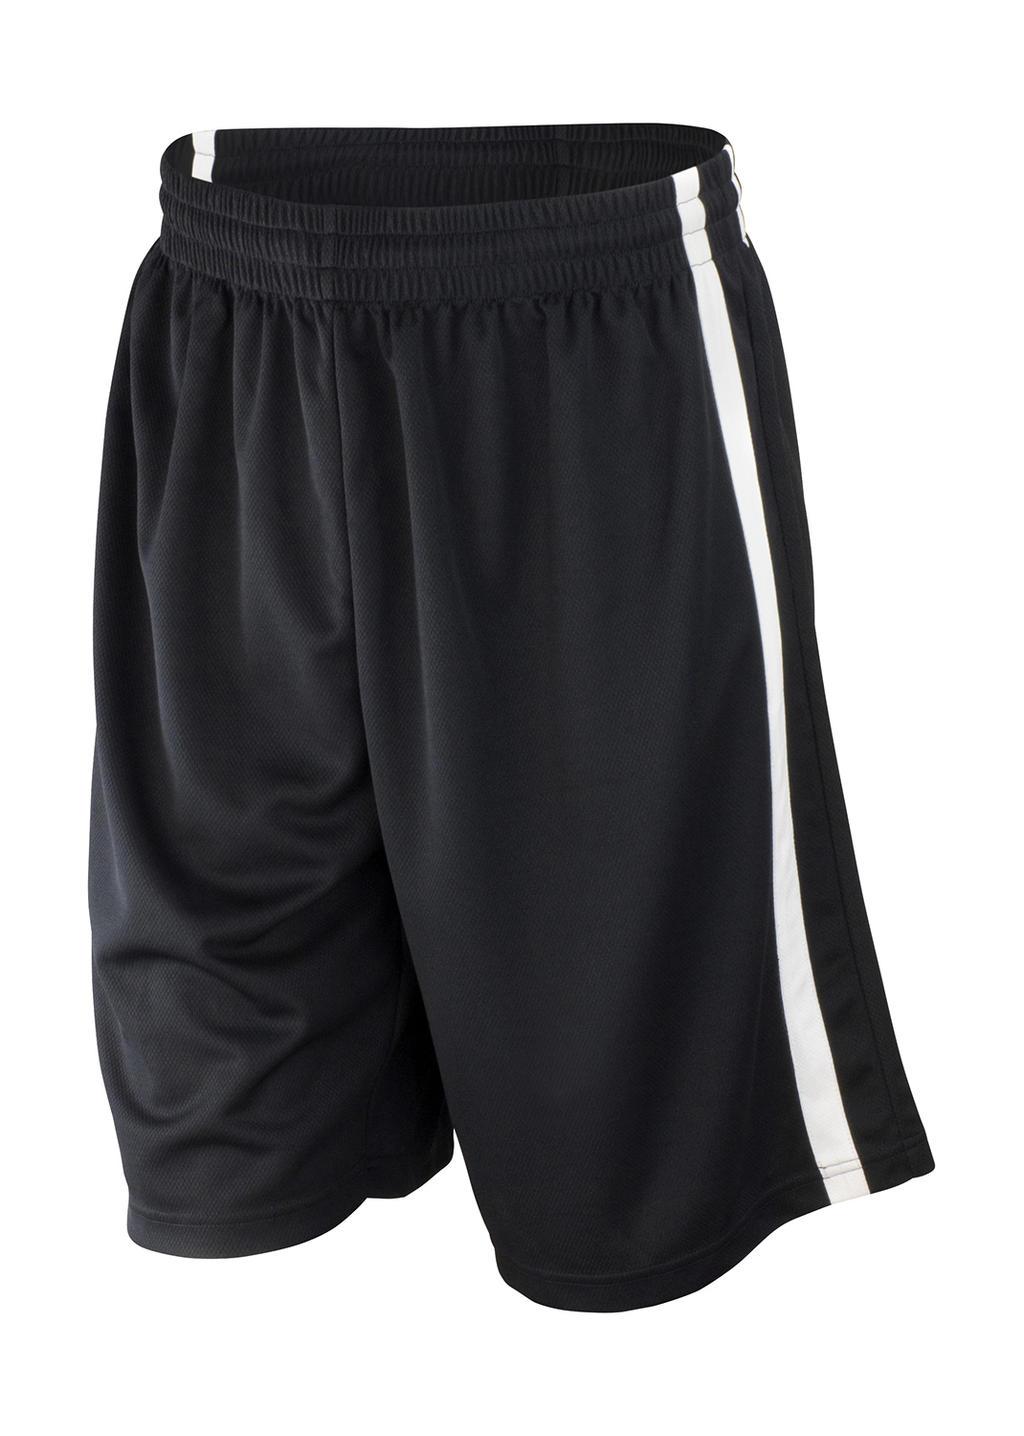 Pánské Quick Dry Basketball šortky - zvìtšit obrázek